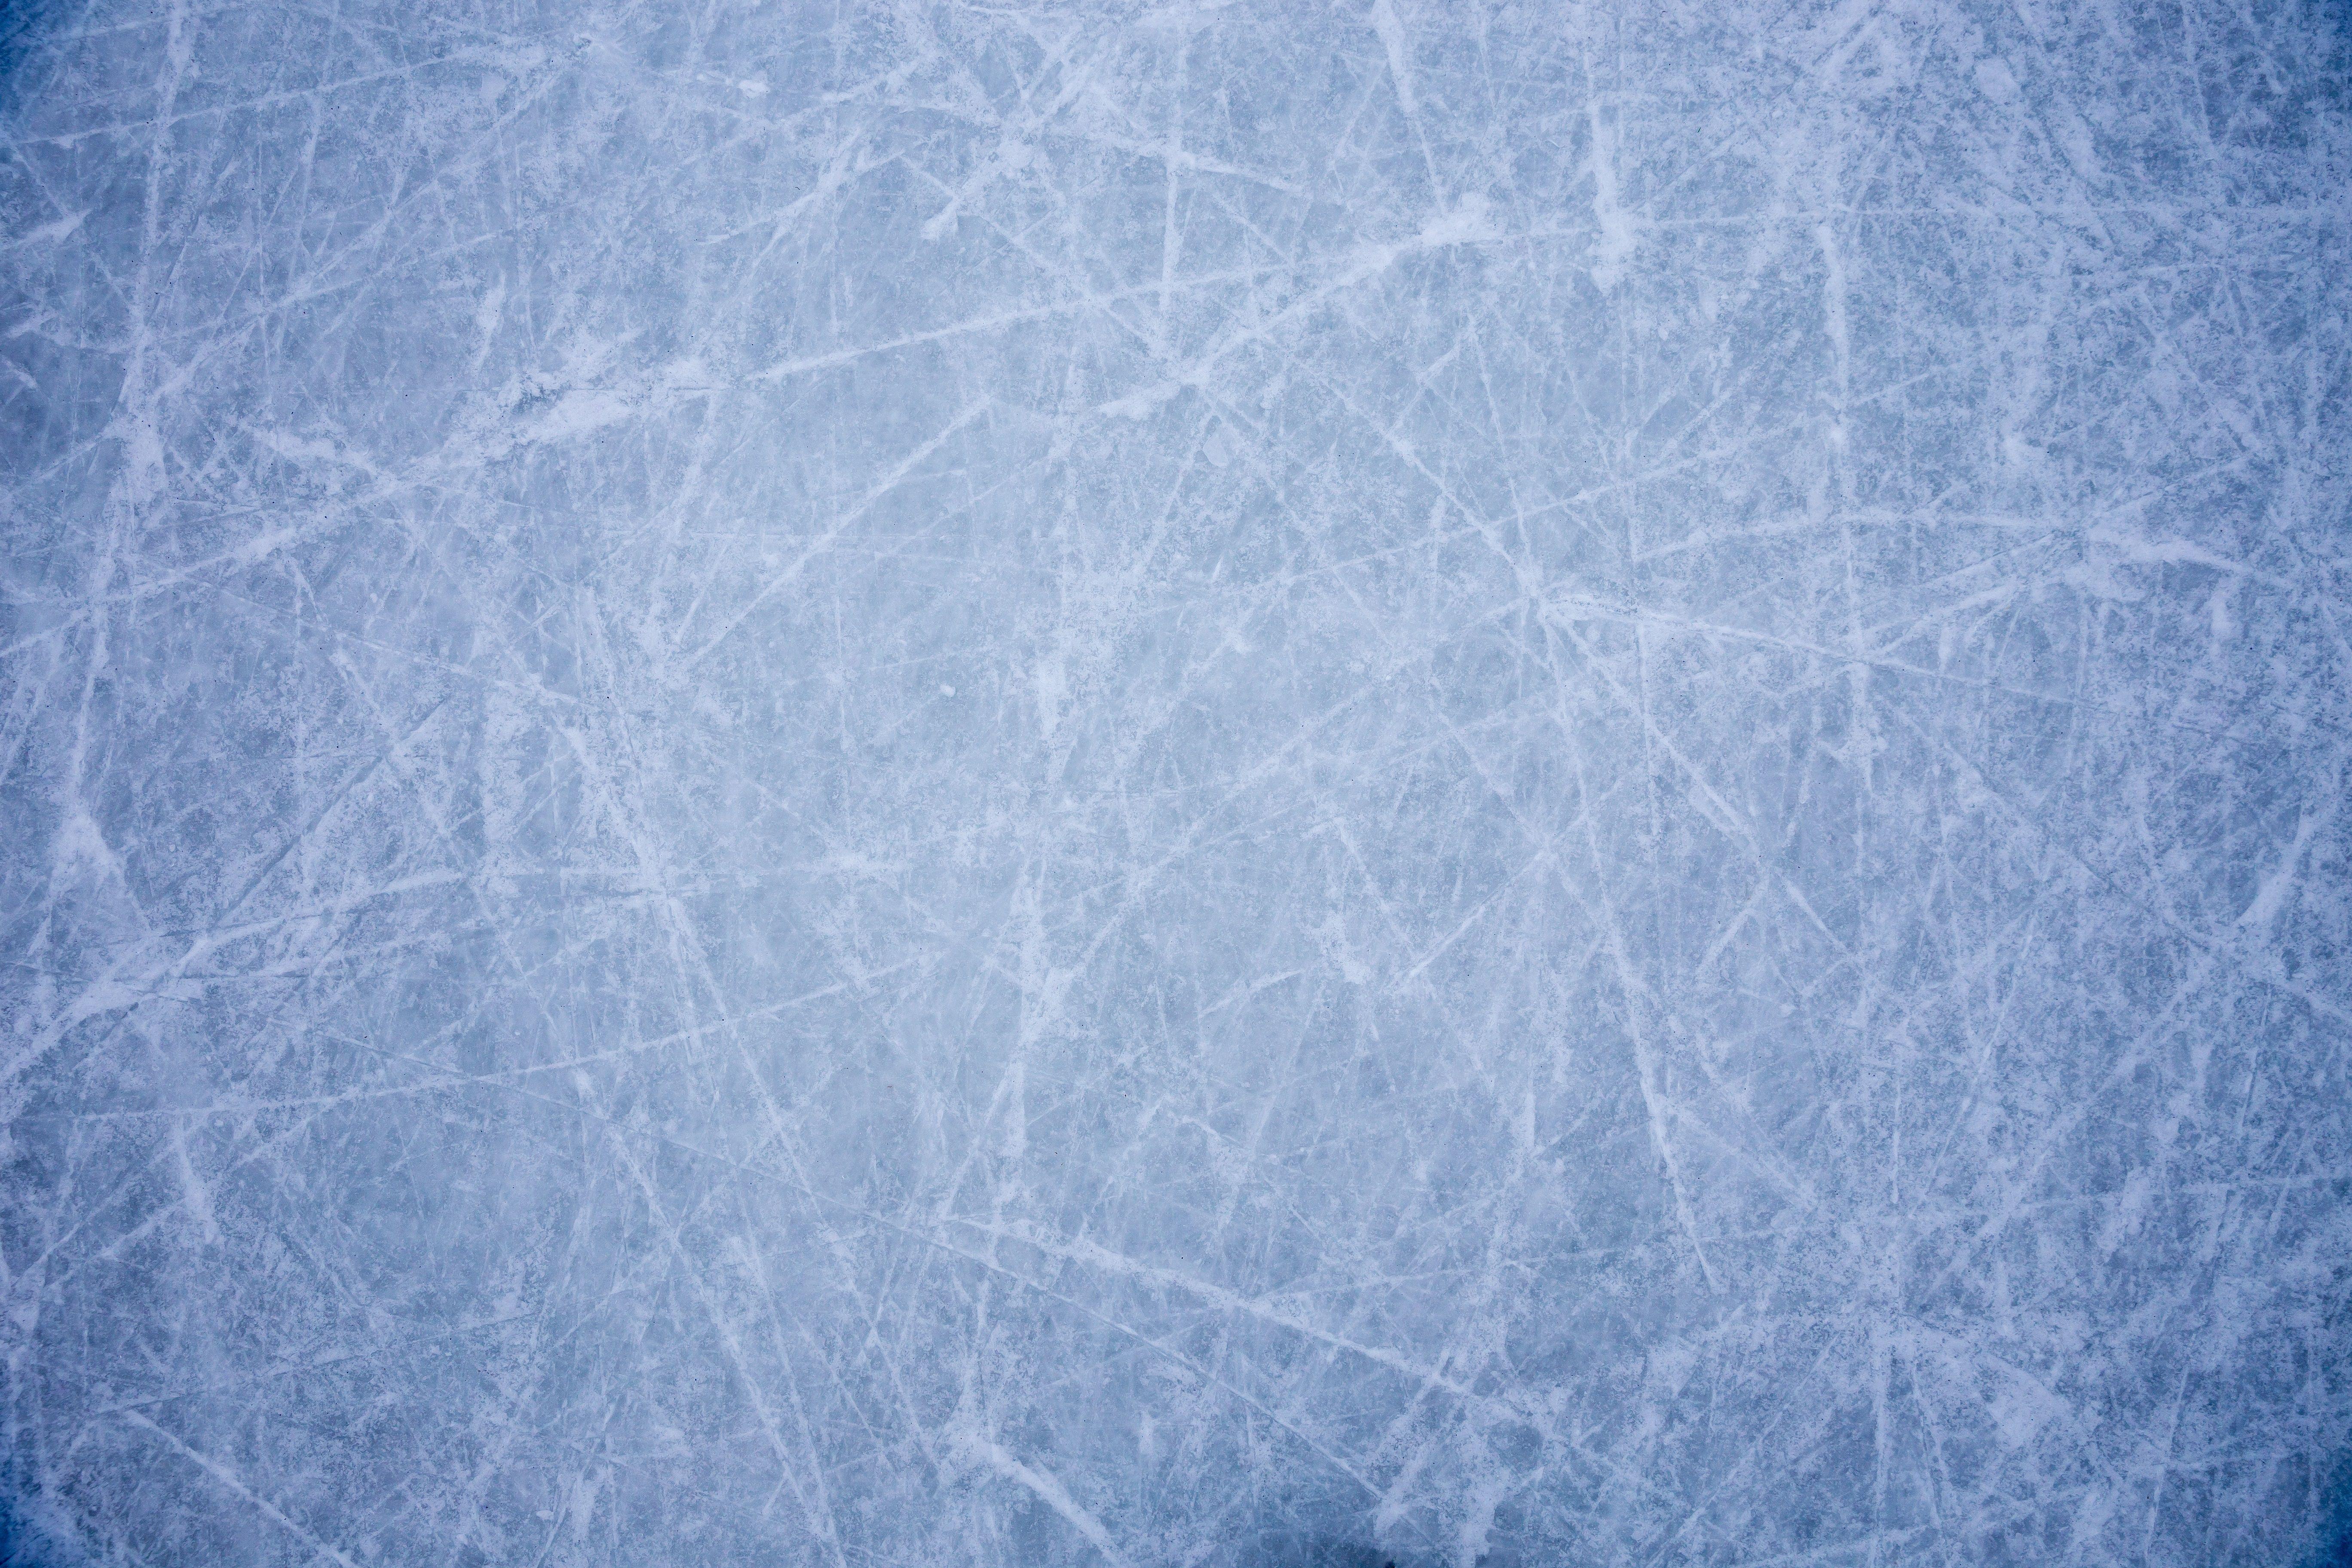 Ice background | Deskt...